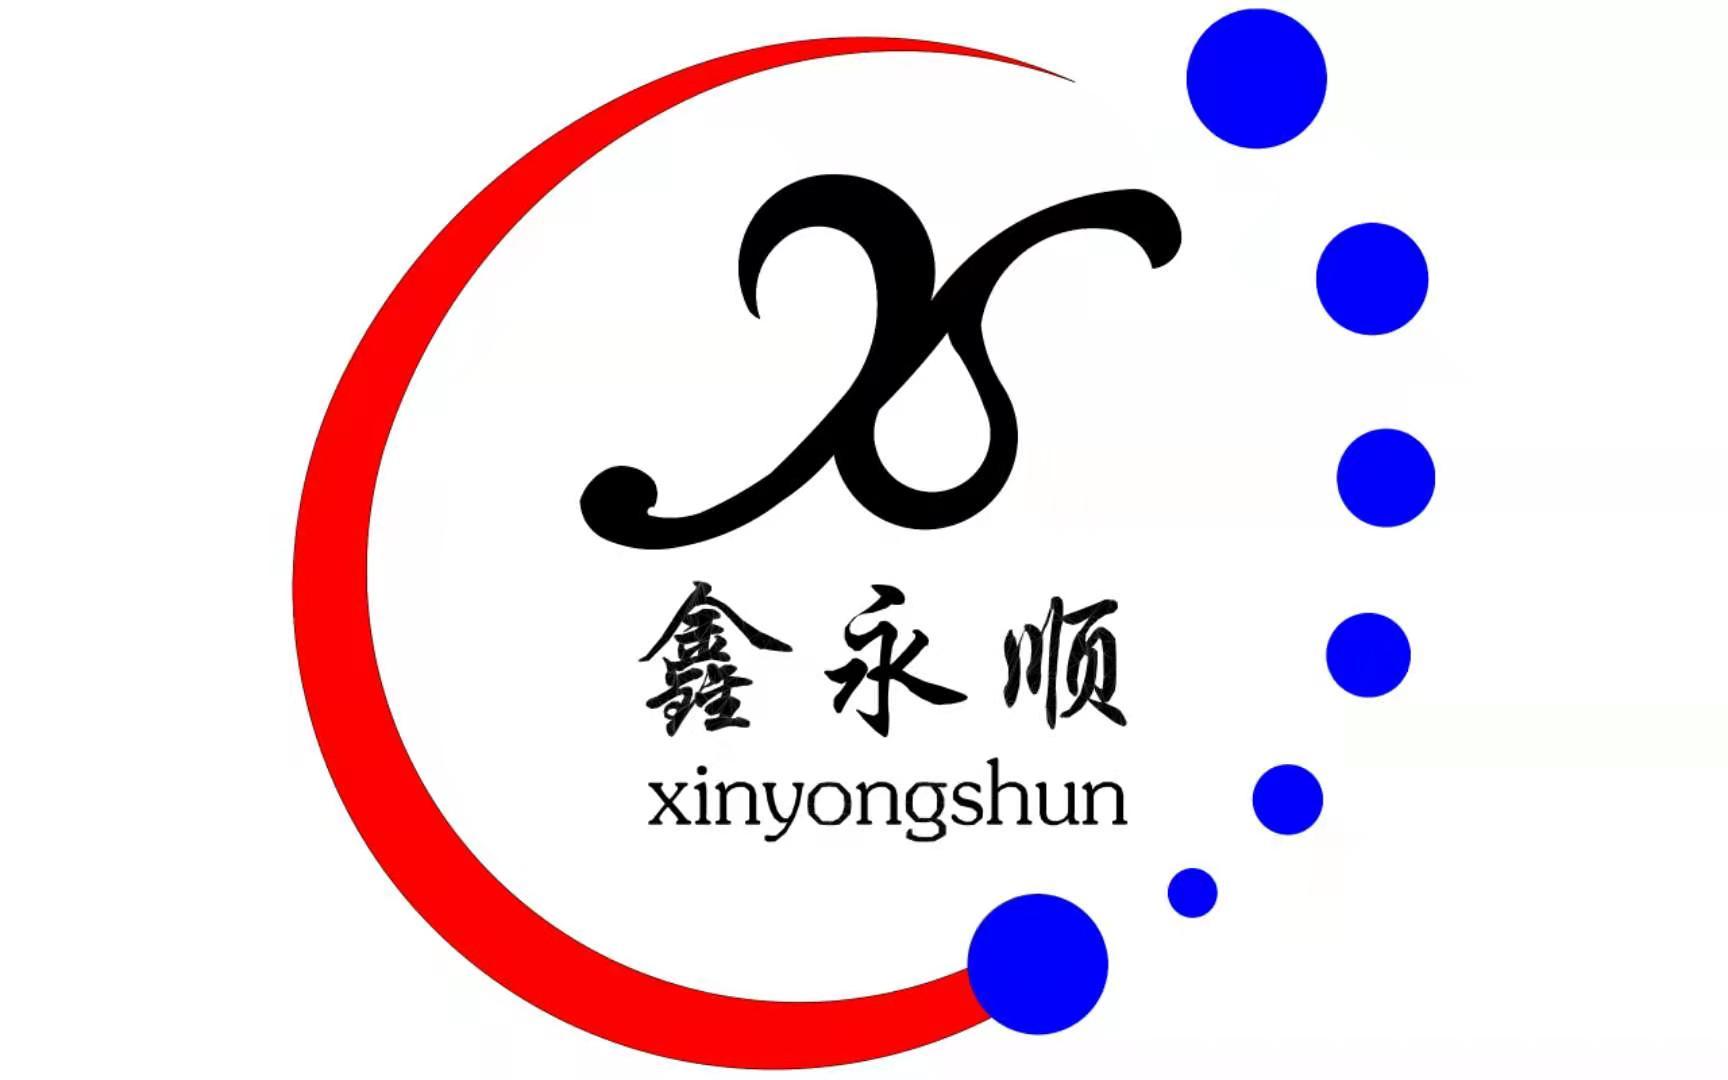 恭喜鑫永順網站成功搭建!